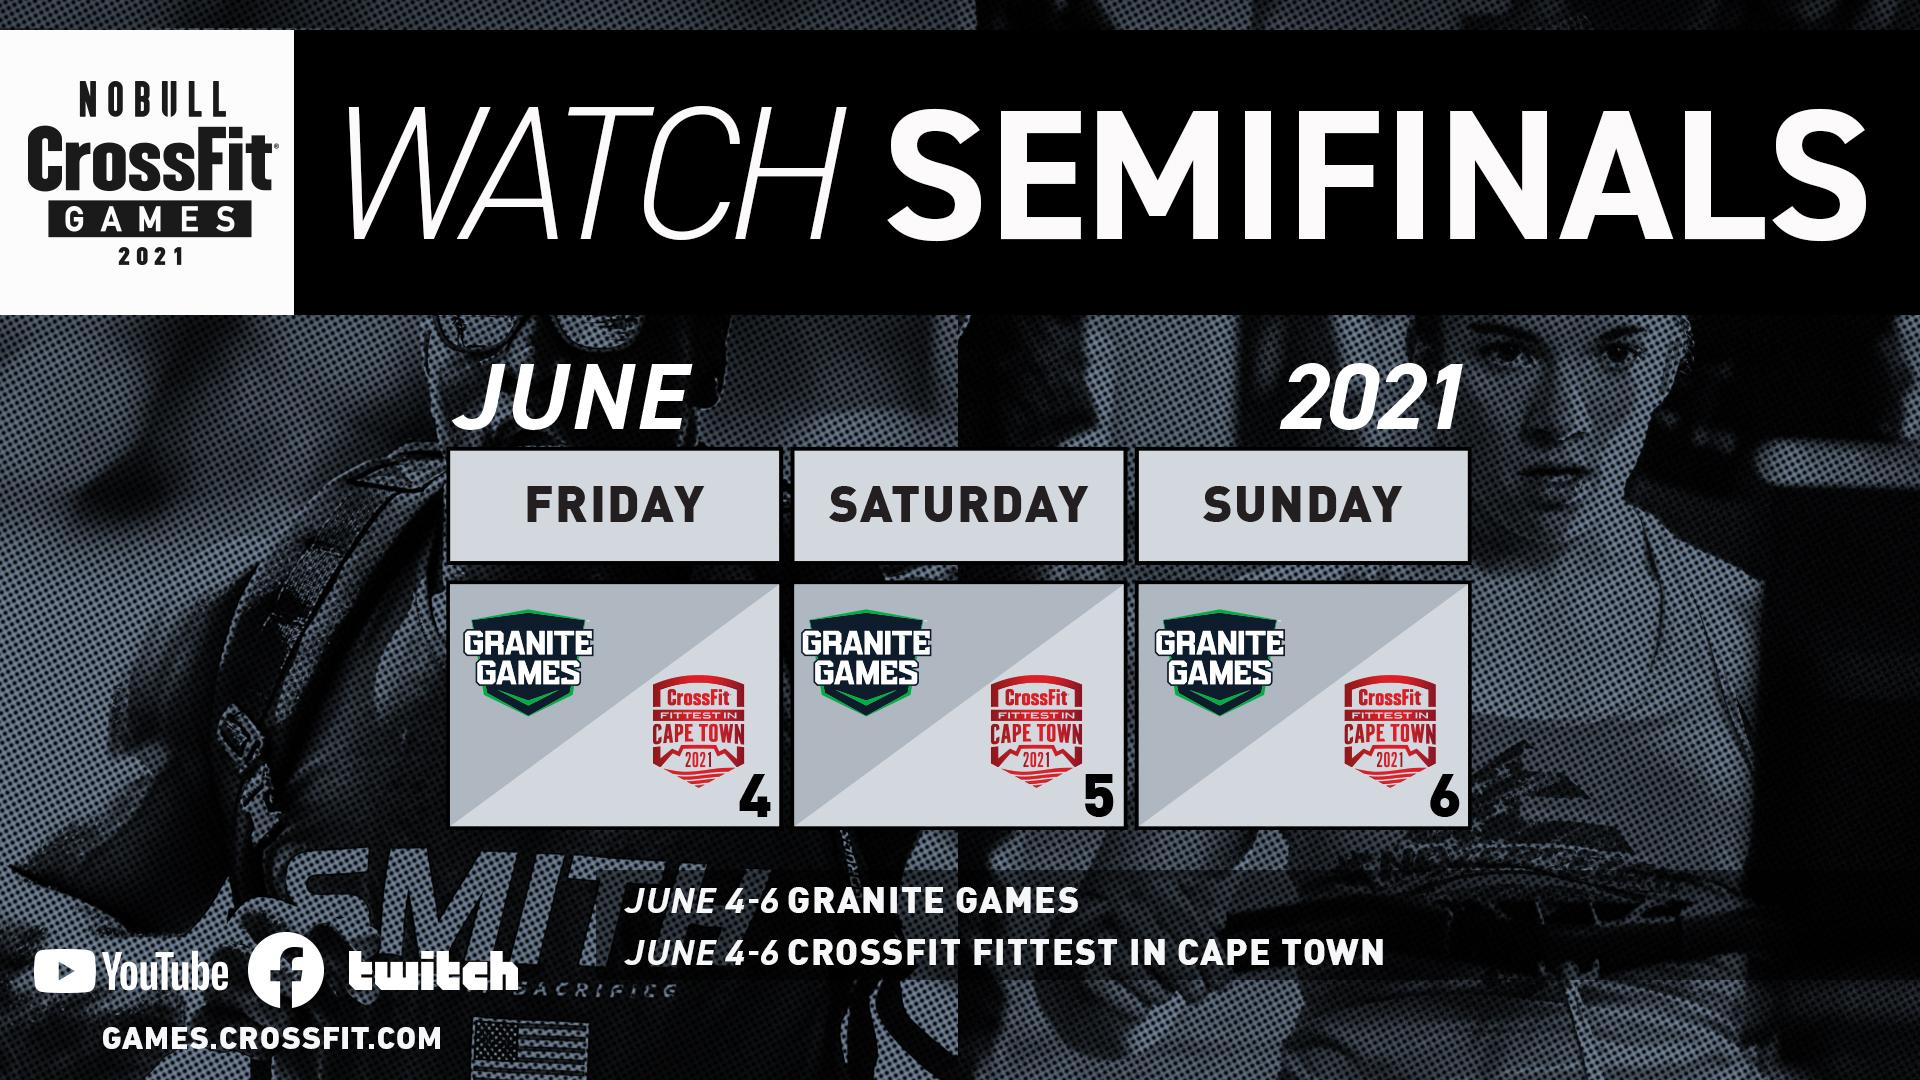 Week 2 Semifinals Schedule